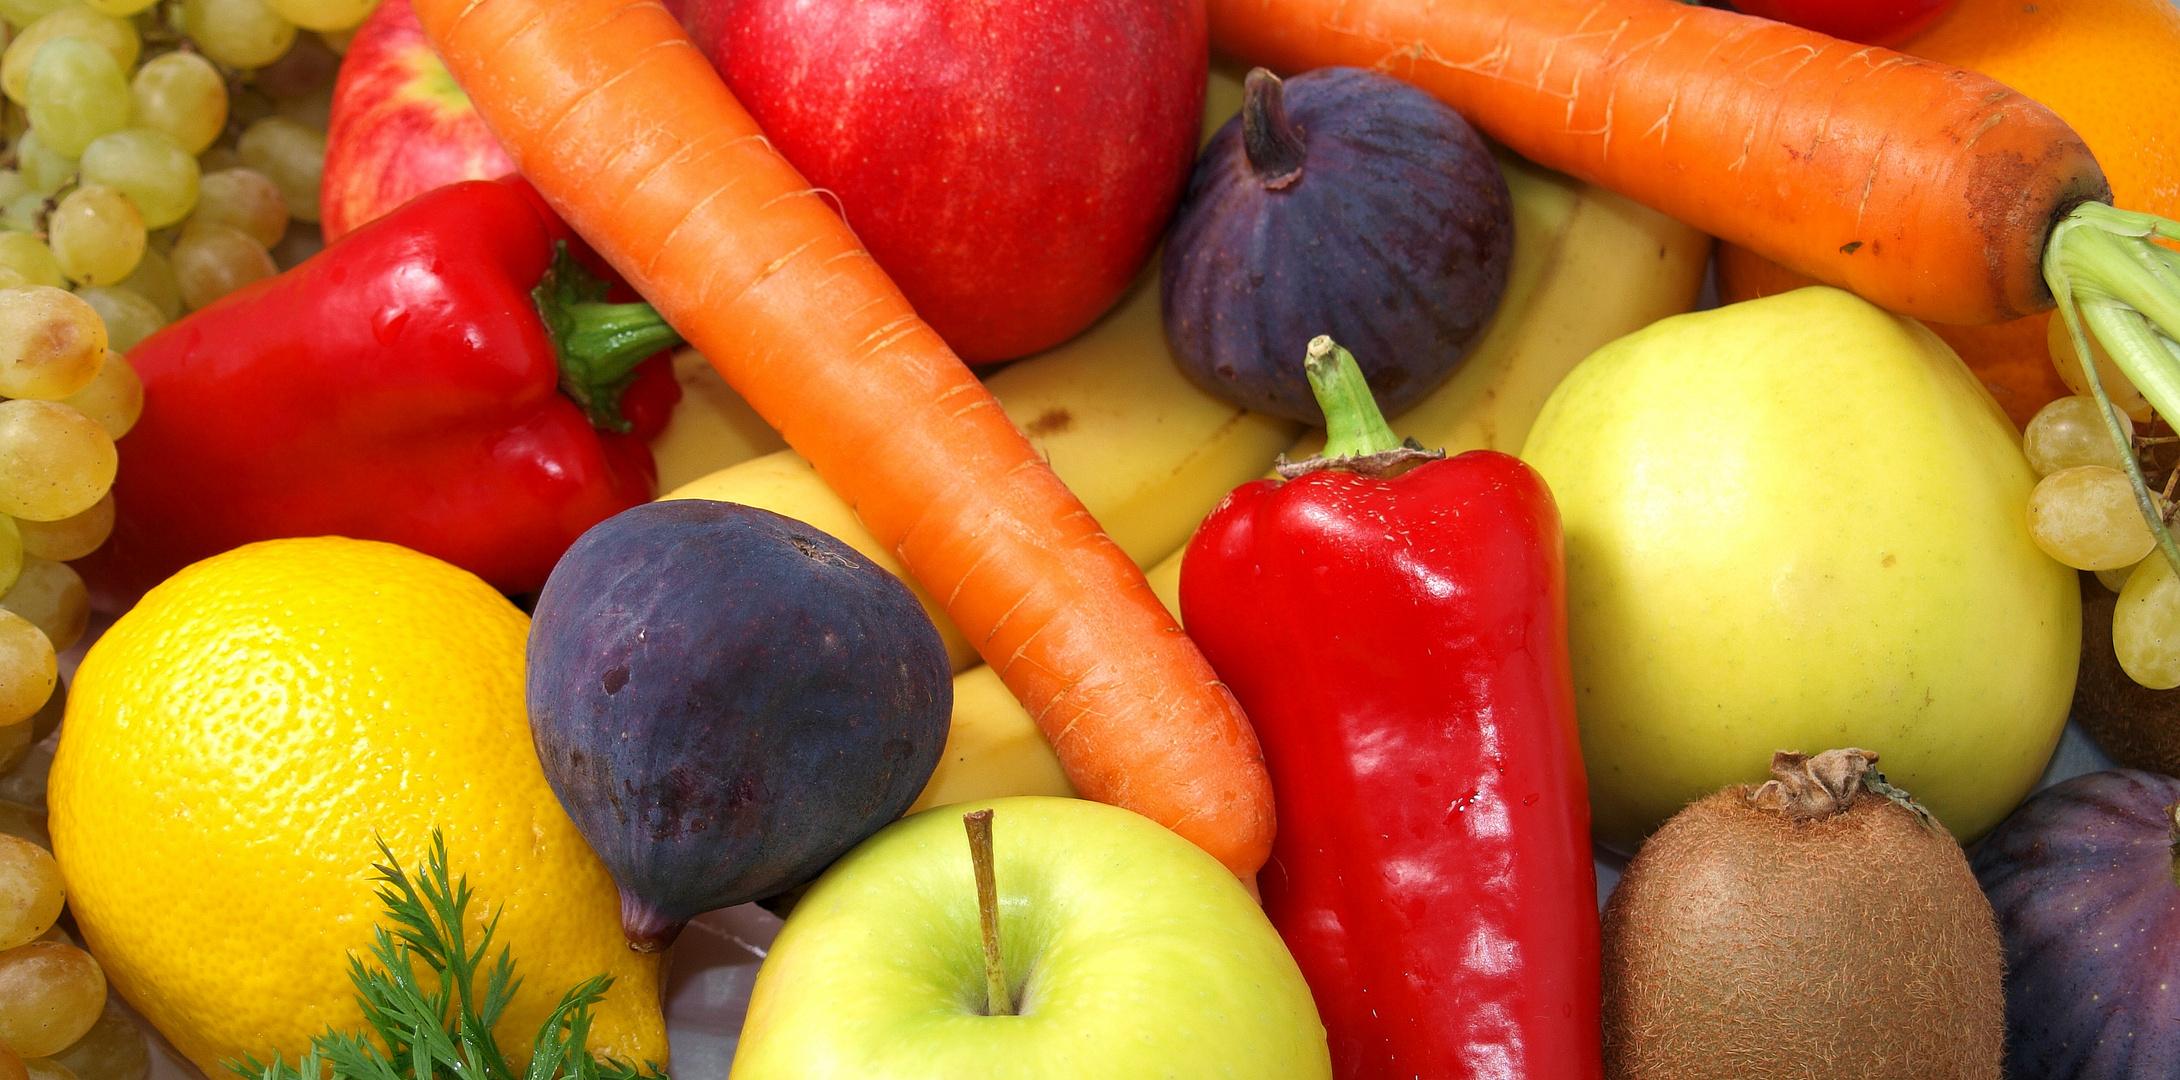 Obst und Gemüse für Naddel